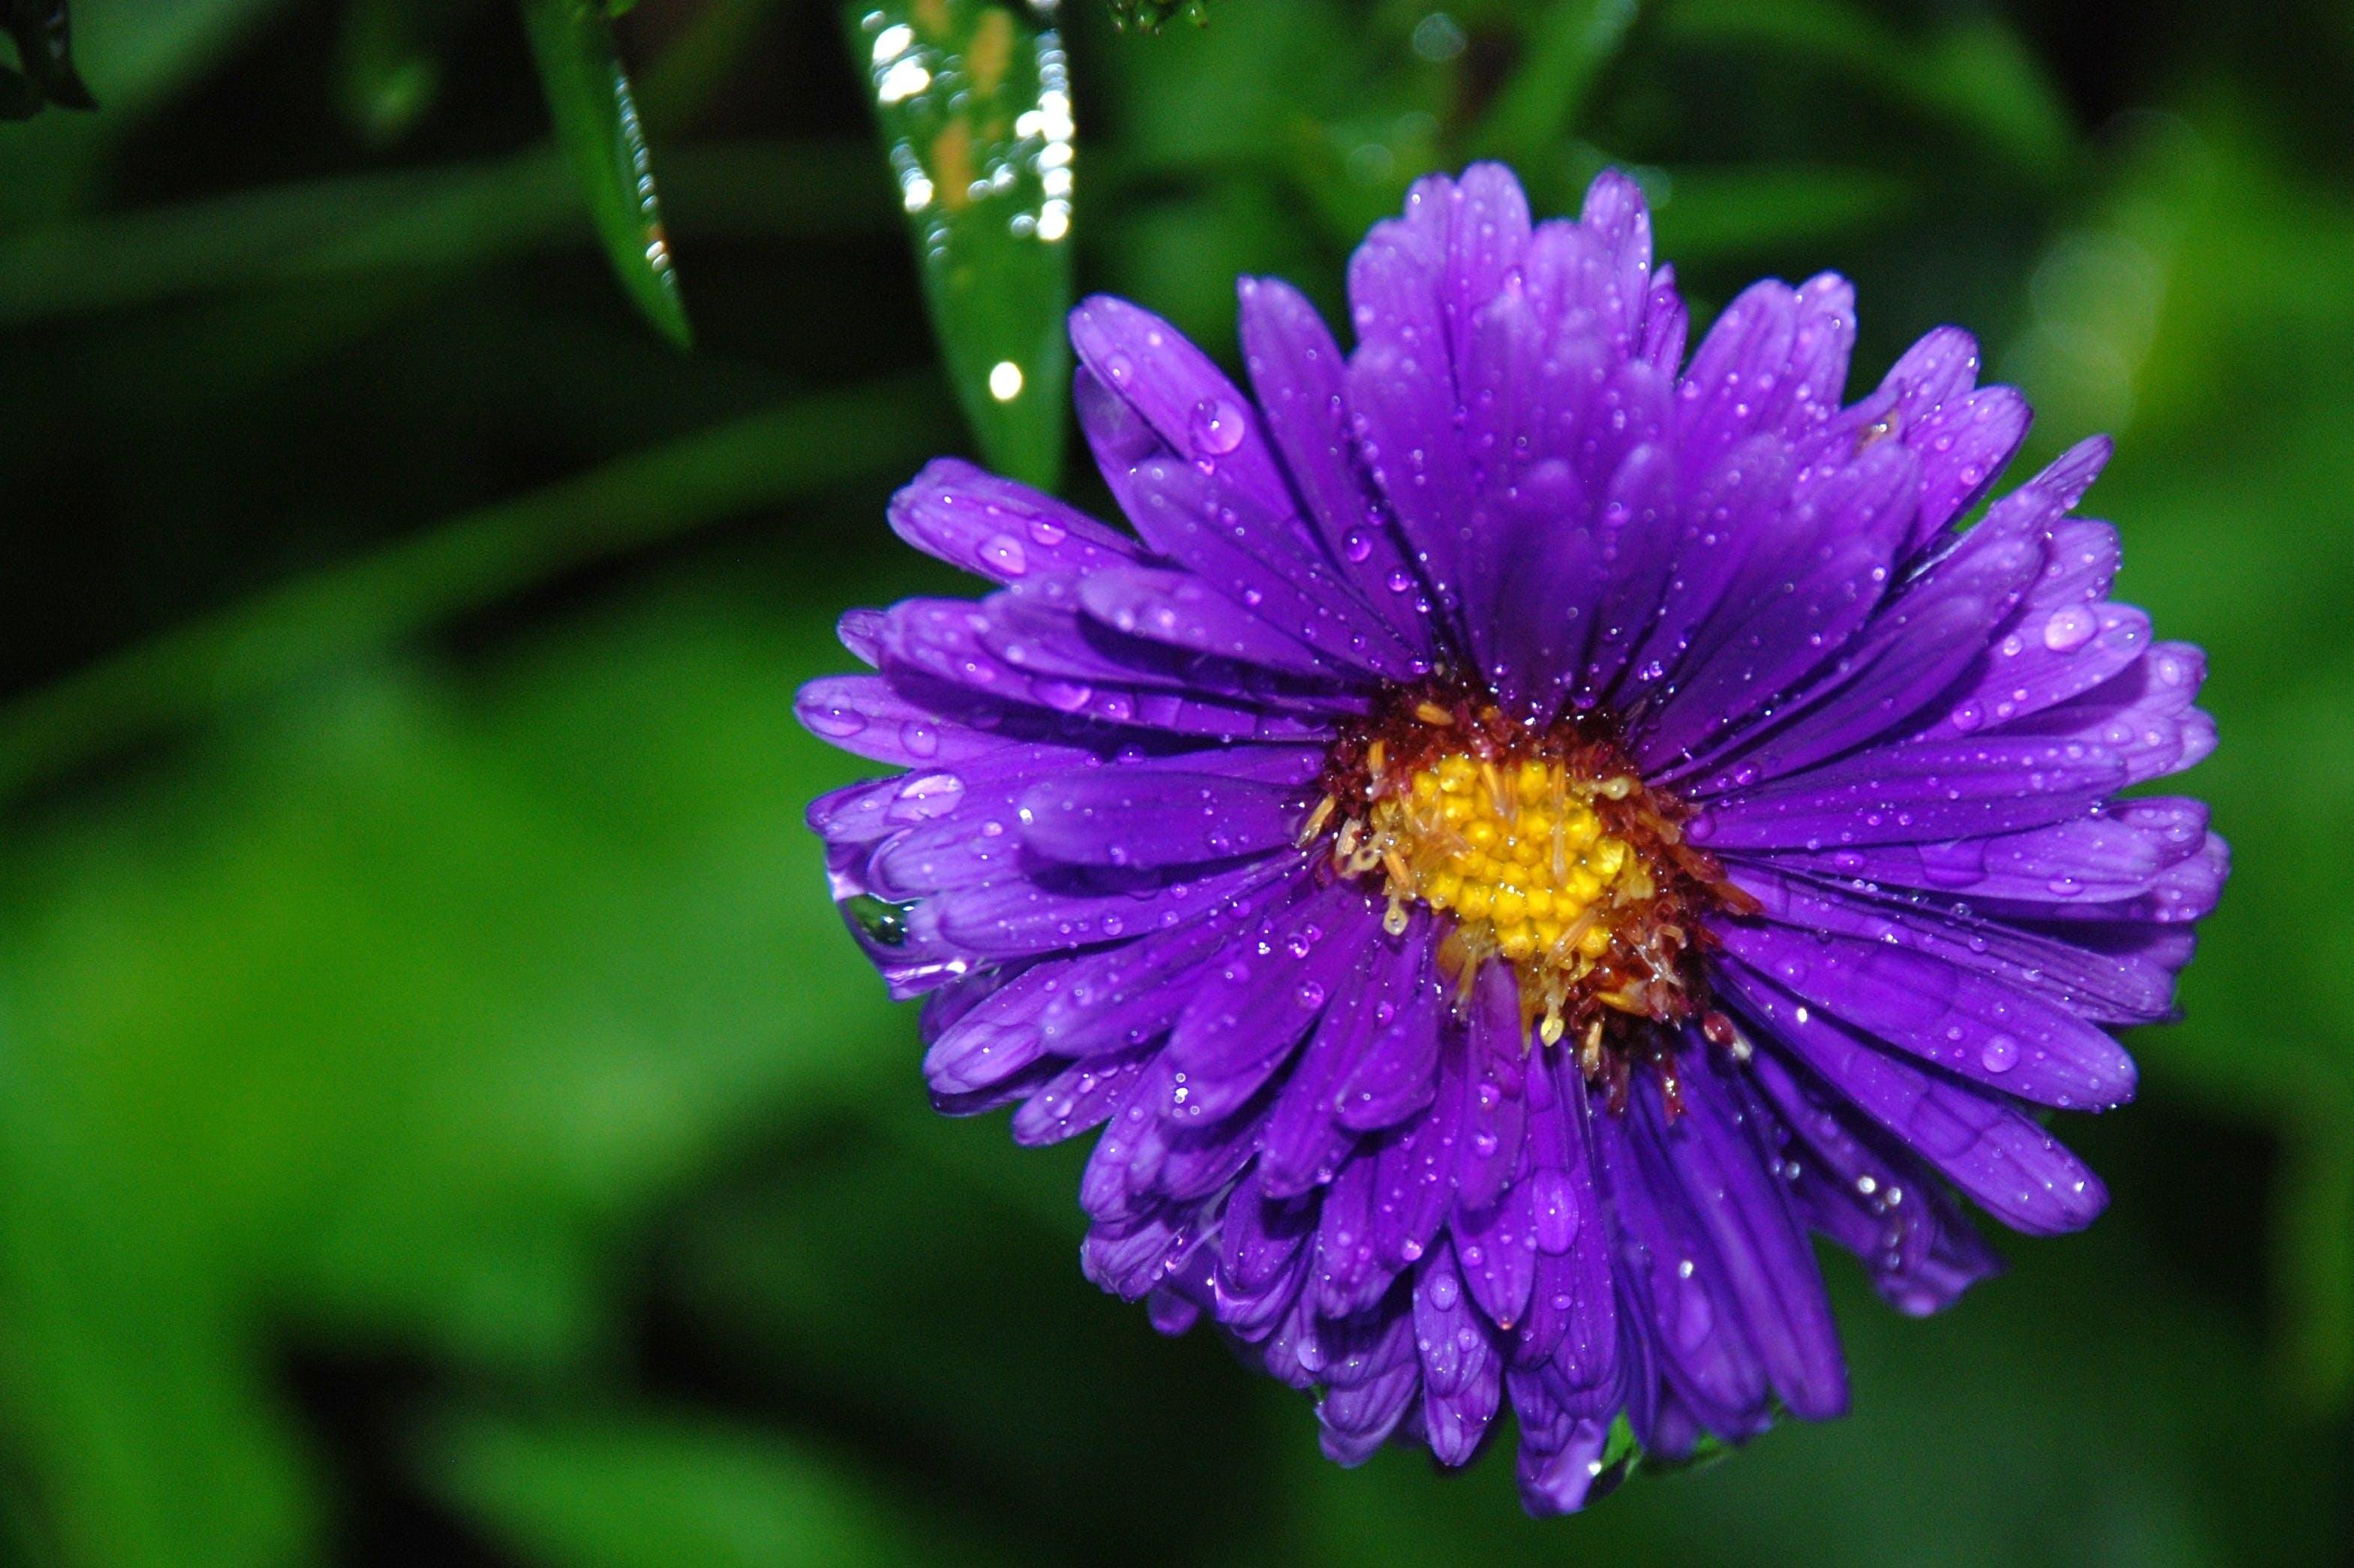 HD 바탕화면, 매크로, 식물군, 클로즈업의 무료 스톡 사진